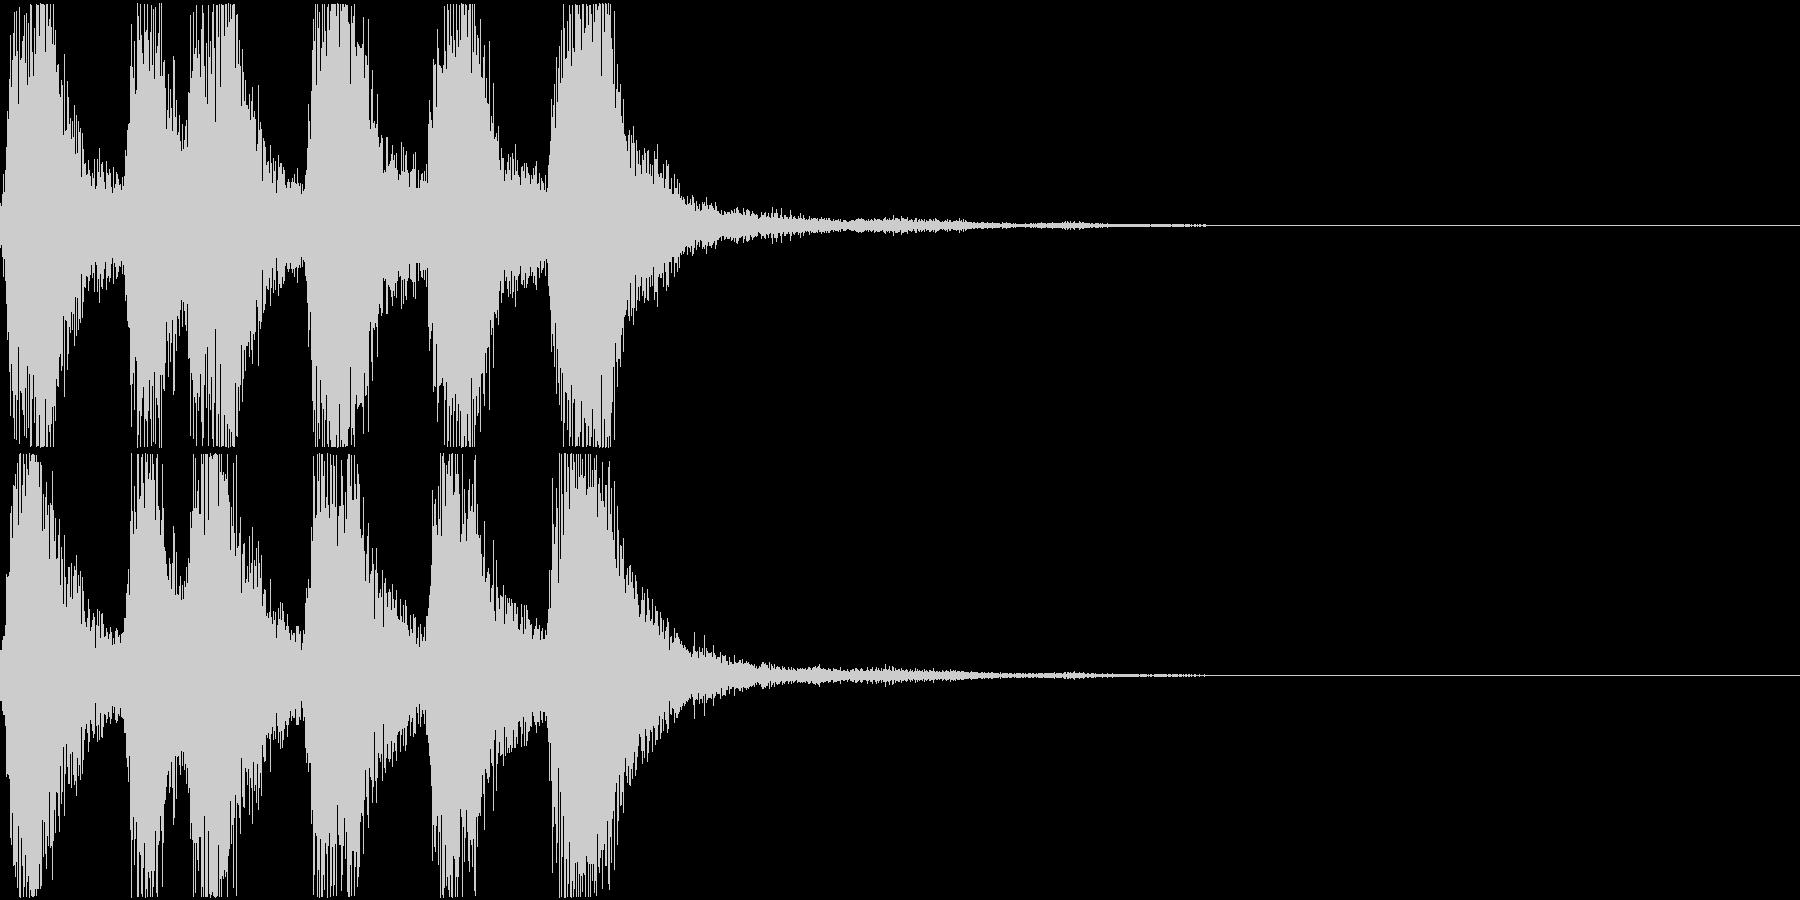 ラッパ ファンファーレ 定番 15の未再生の波形